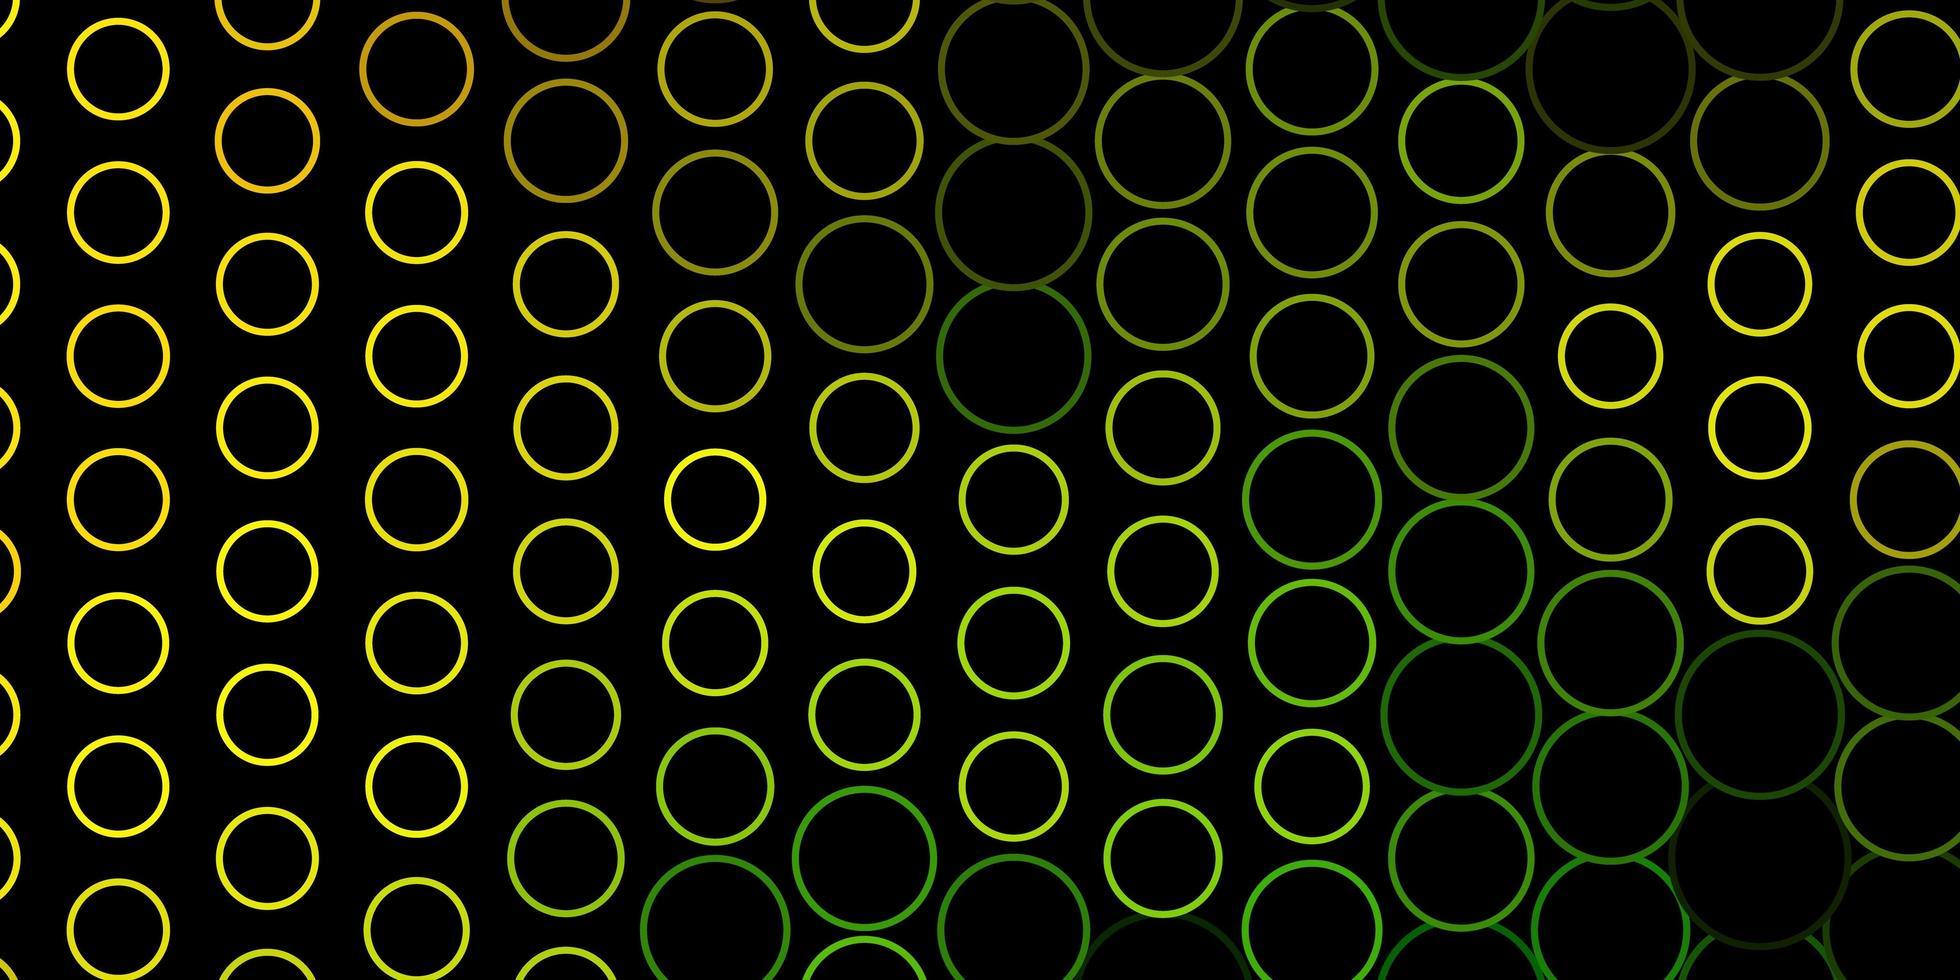 padrão de vetor verde e amarelo escuro com círculos.